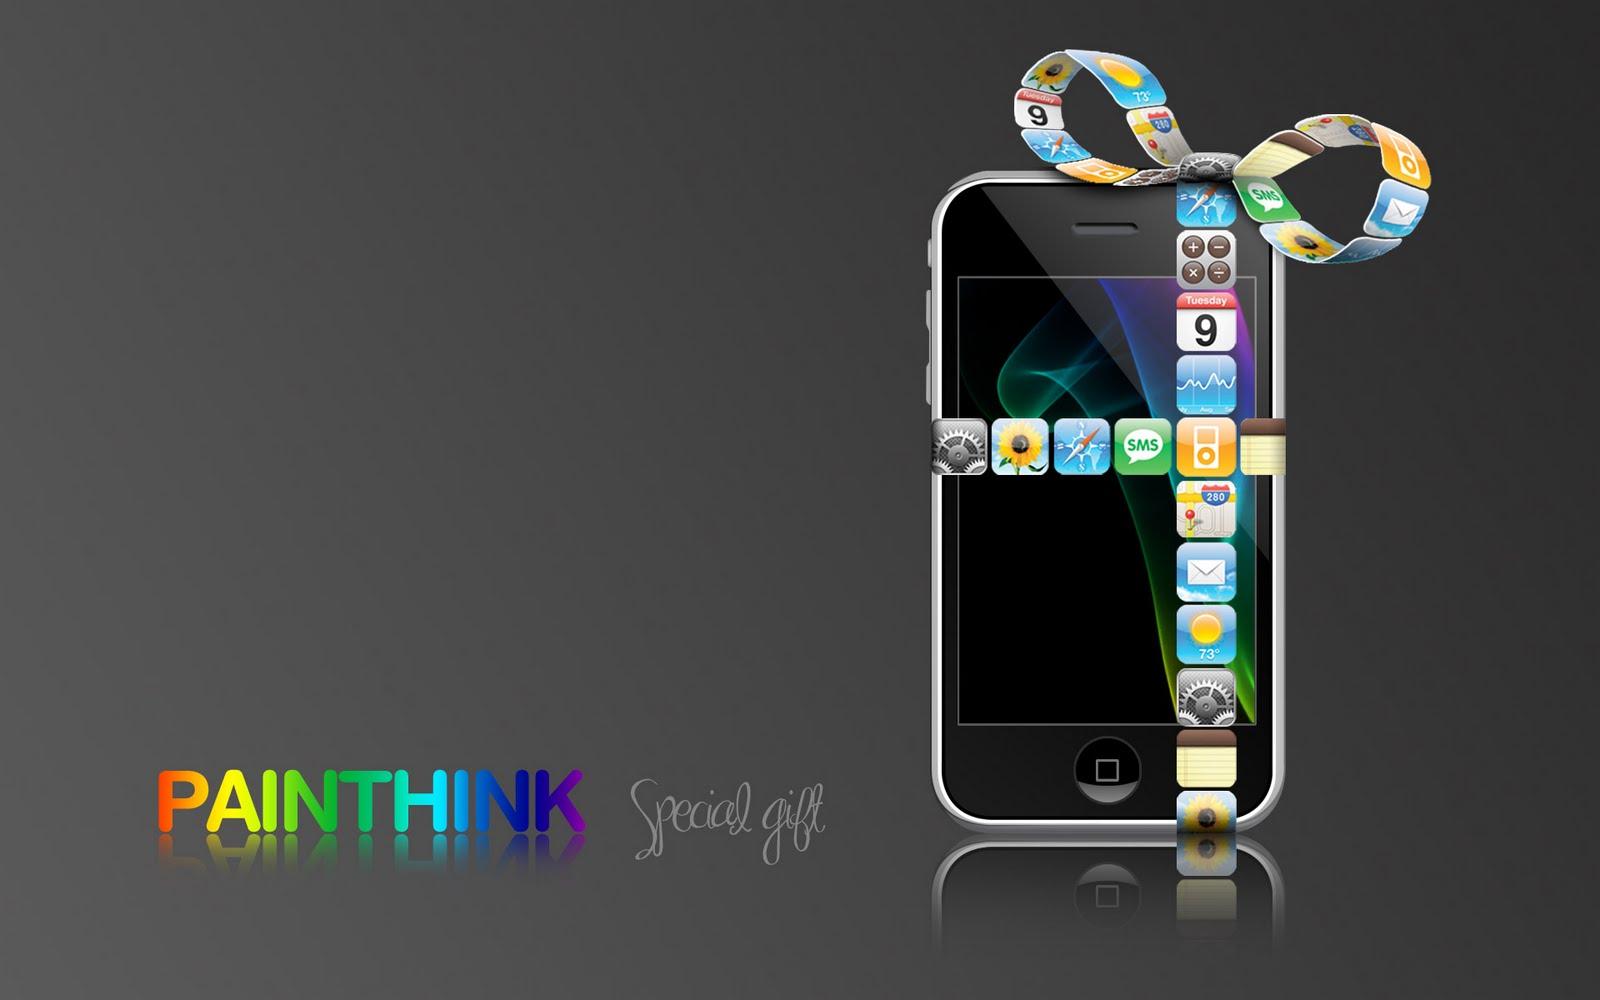 http://2.bp.blogspot.com/-YFZLfdYuiaw/Tbu3bM3-ExI/AAAAAAAAAFo/SBuLQB66HRw/s1600/wallpaper-iphone-3g.jpg